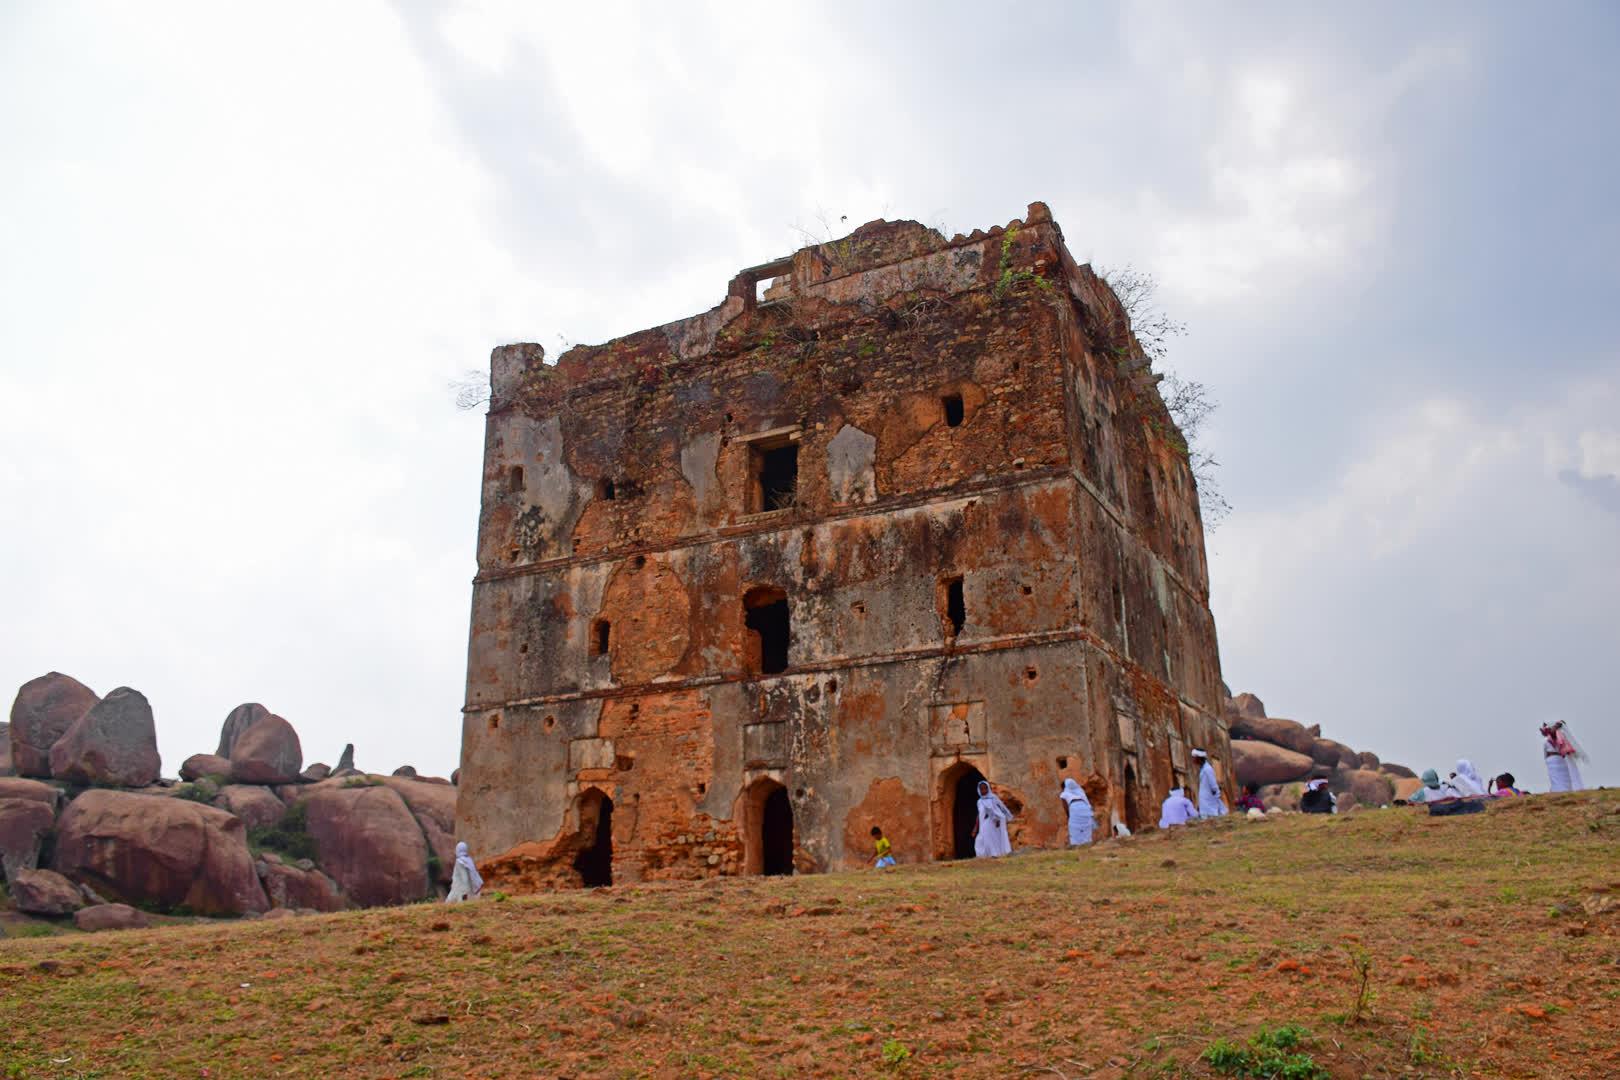 Navratangarh: Lost Kingdom of the Nagvanshis